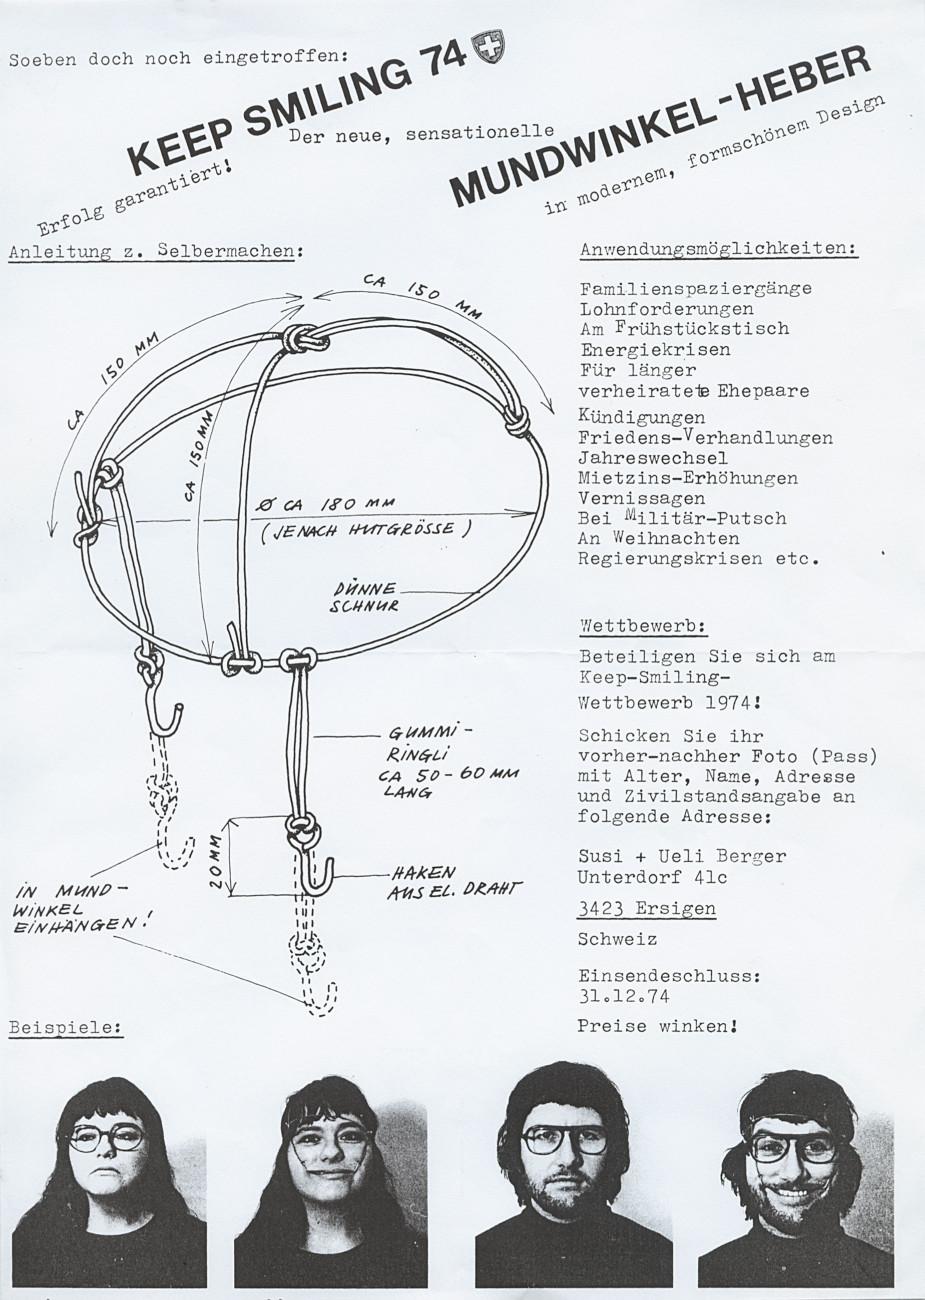 Susi and Ueli Berger: Instructions Keep Smiling (1974), Museum für Gestaltung Zürich, Designsammlung